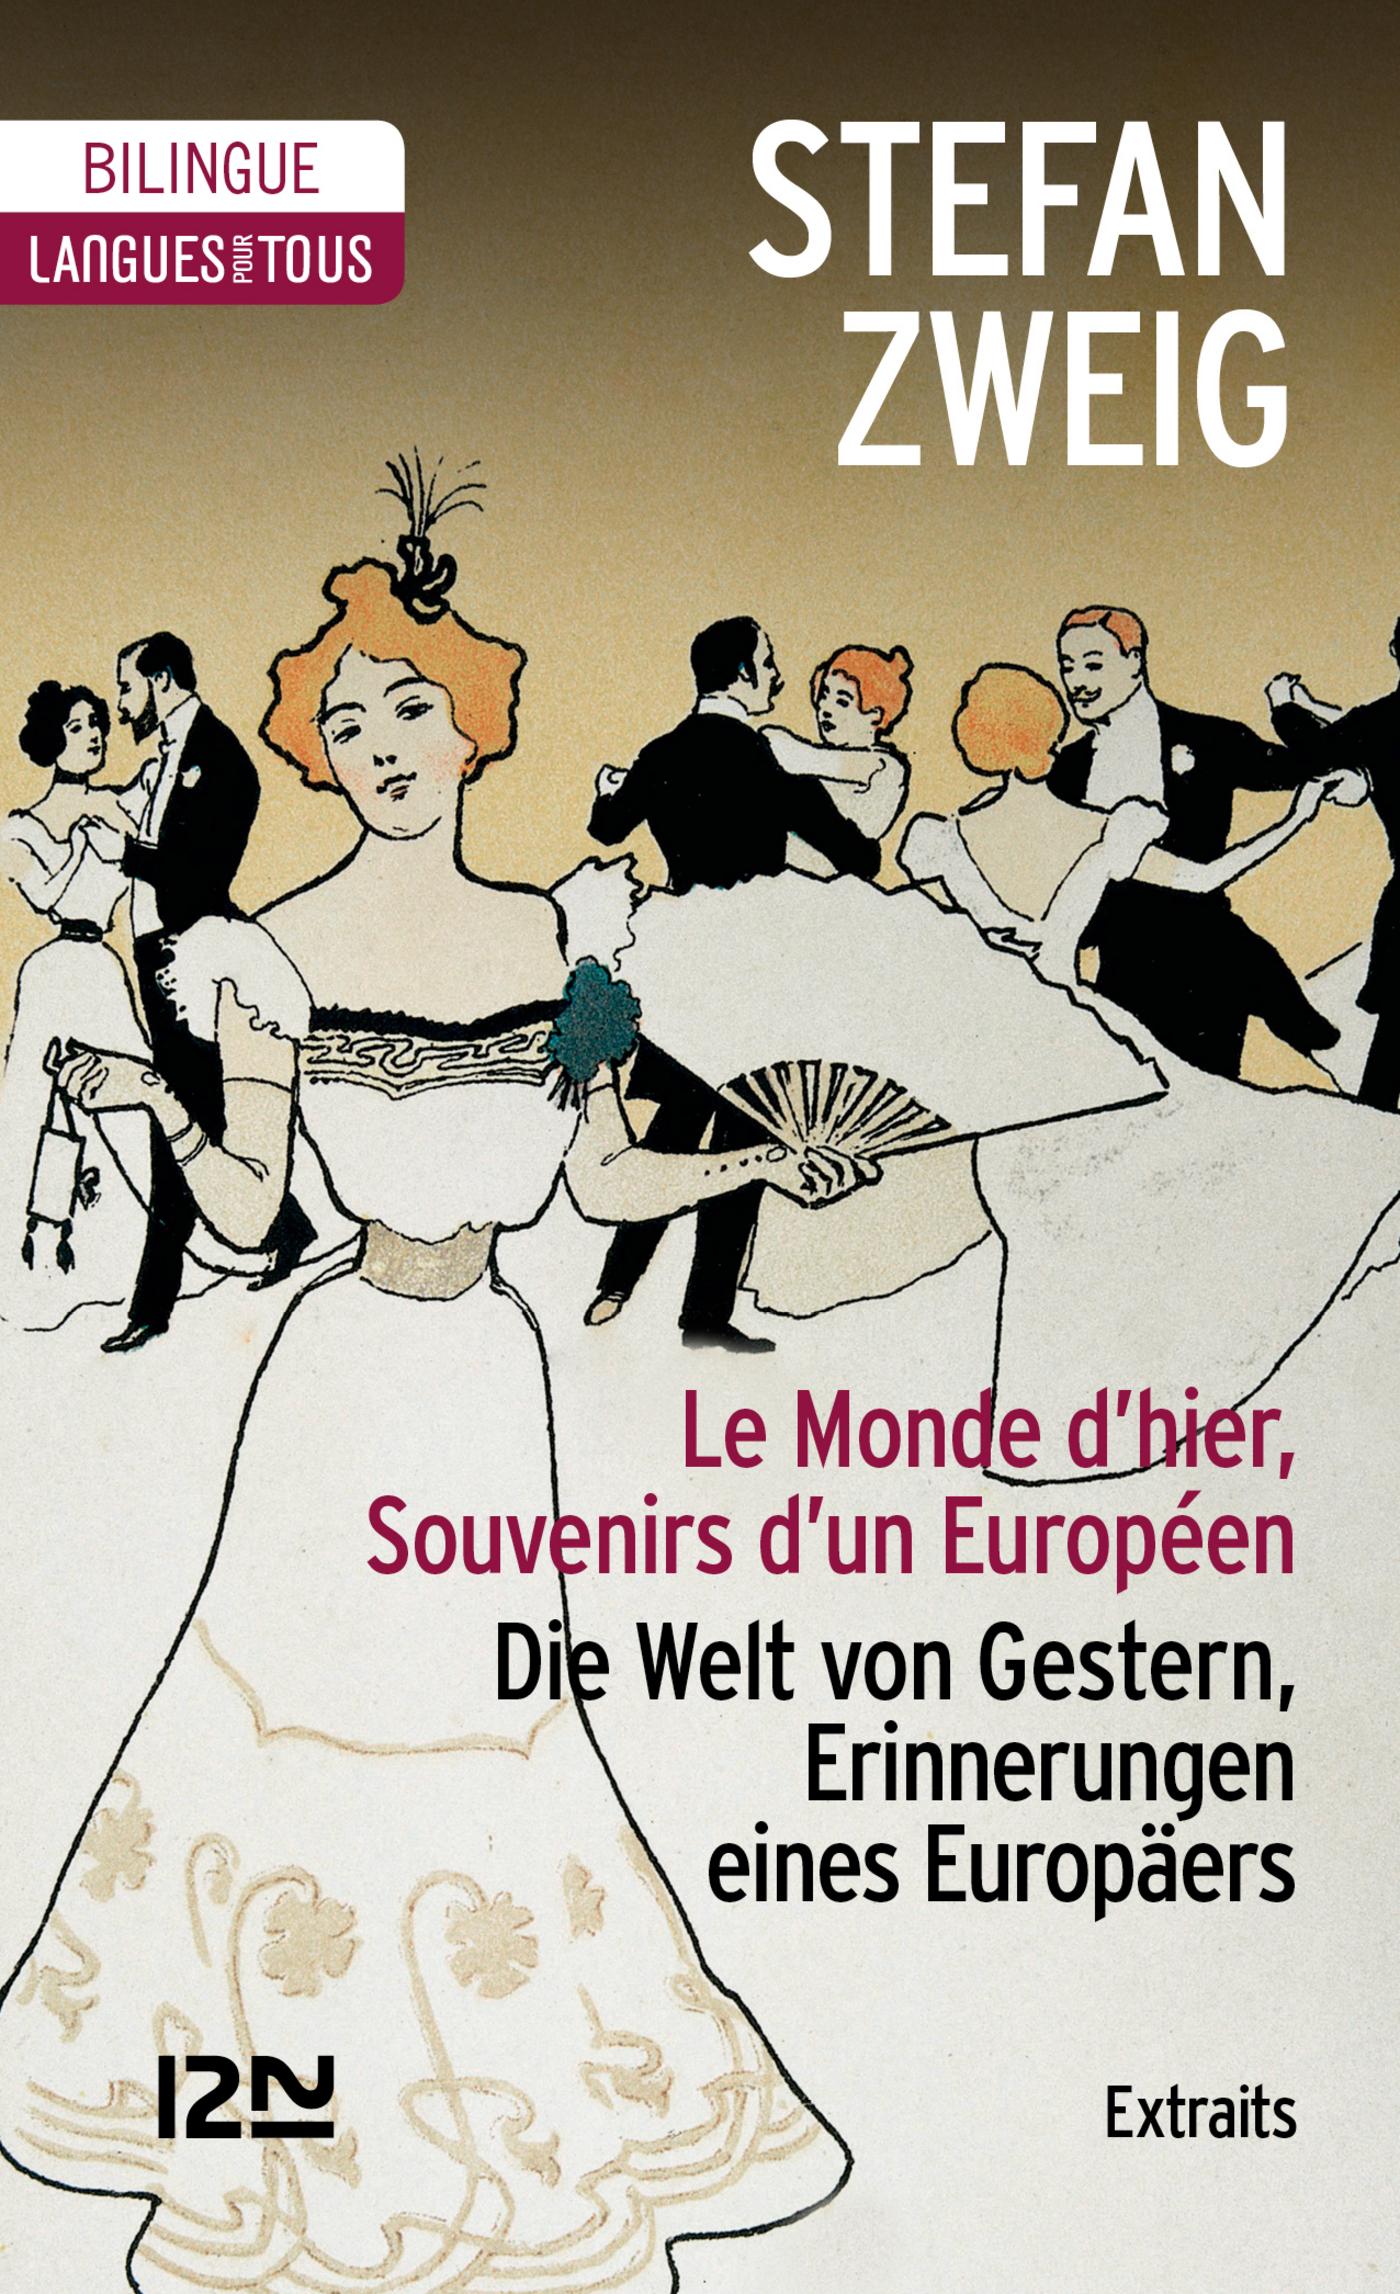 Bilingue - Le Monde d'hier (extraits)